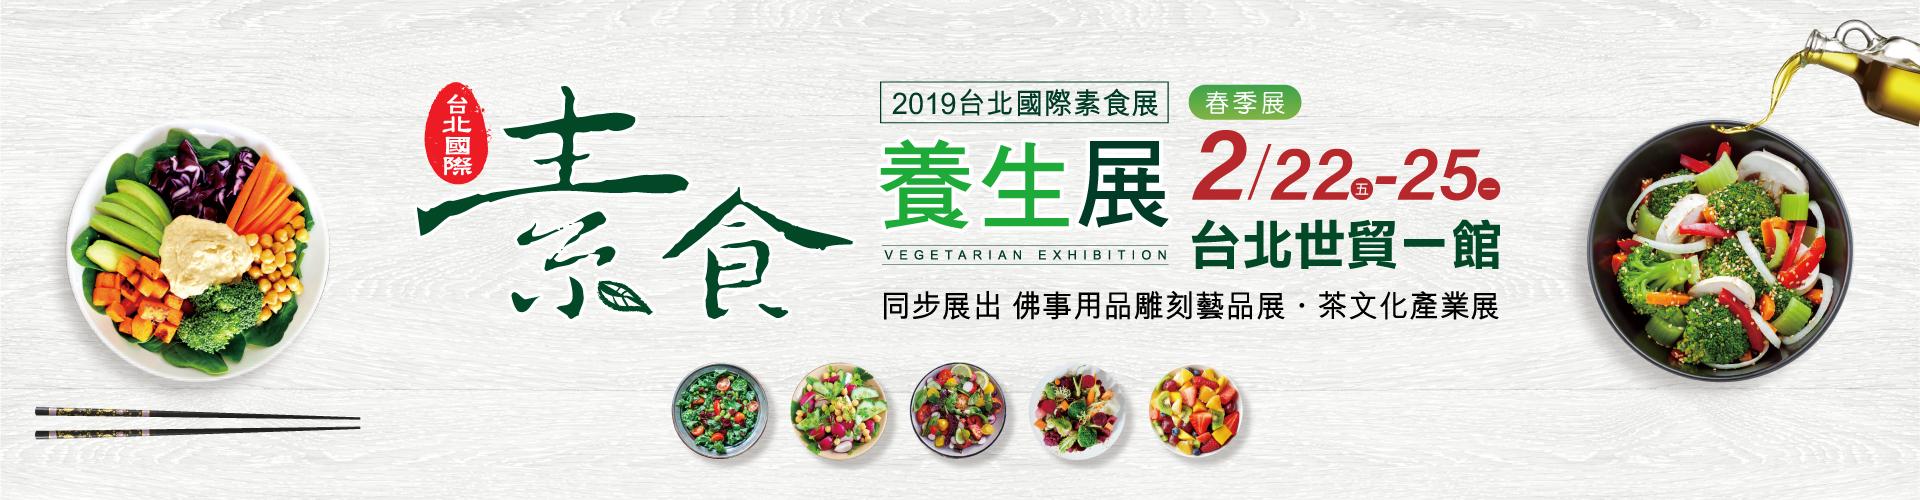 台北國際素食養生展8/31-9/3 全國最大蔬食饗宴